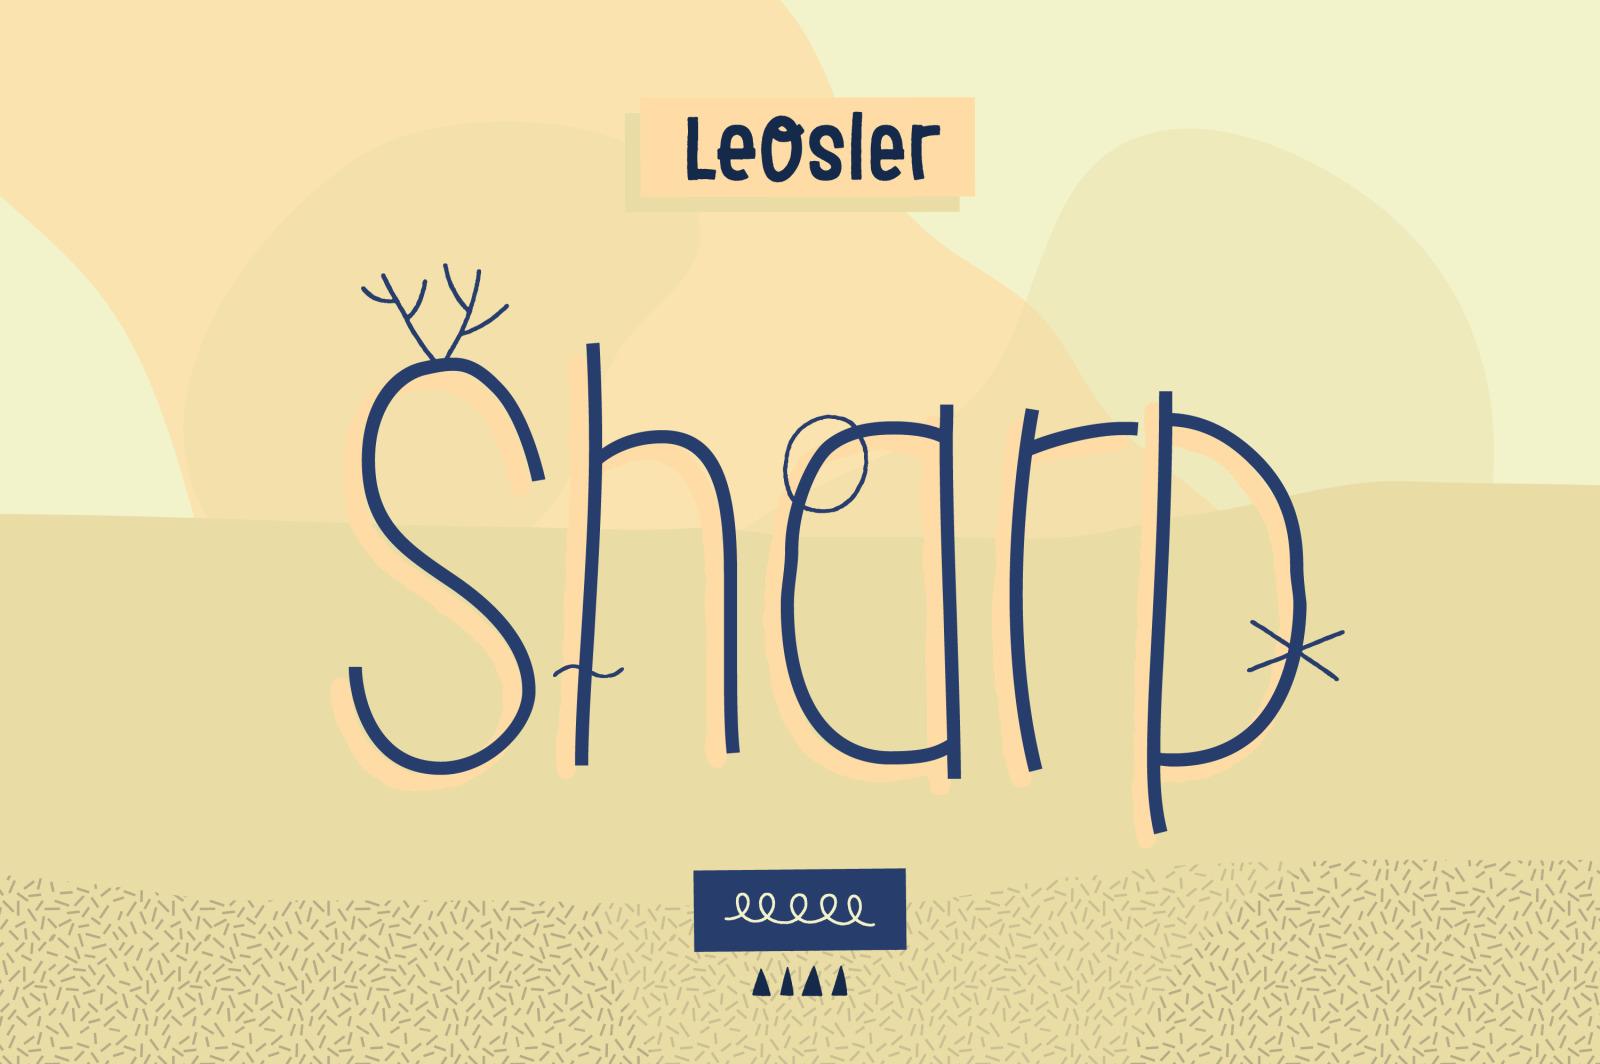 LeOsler Sharp